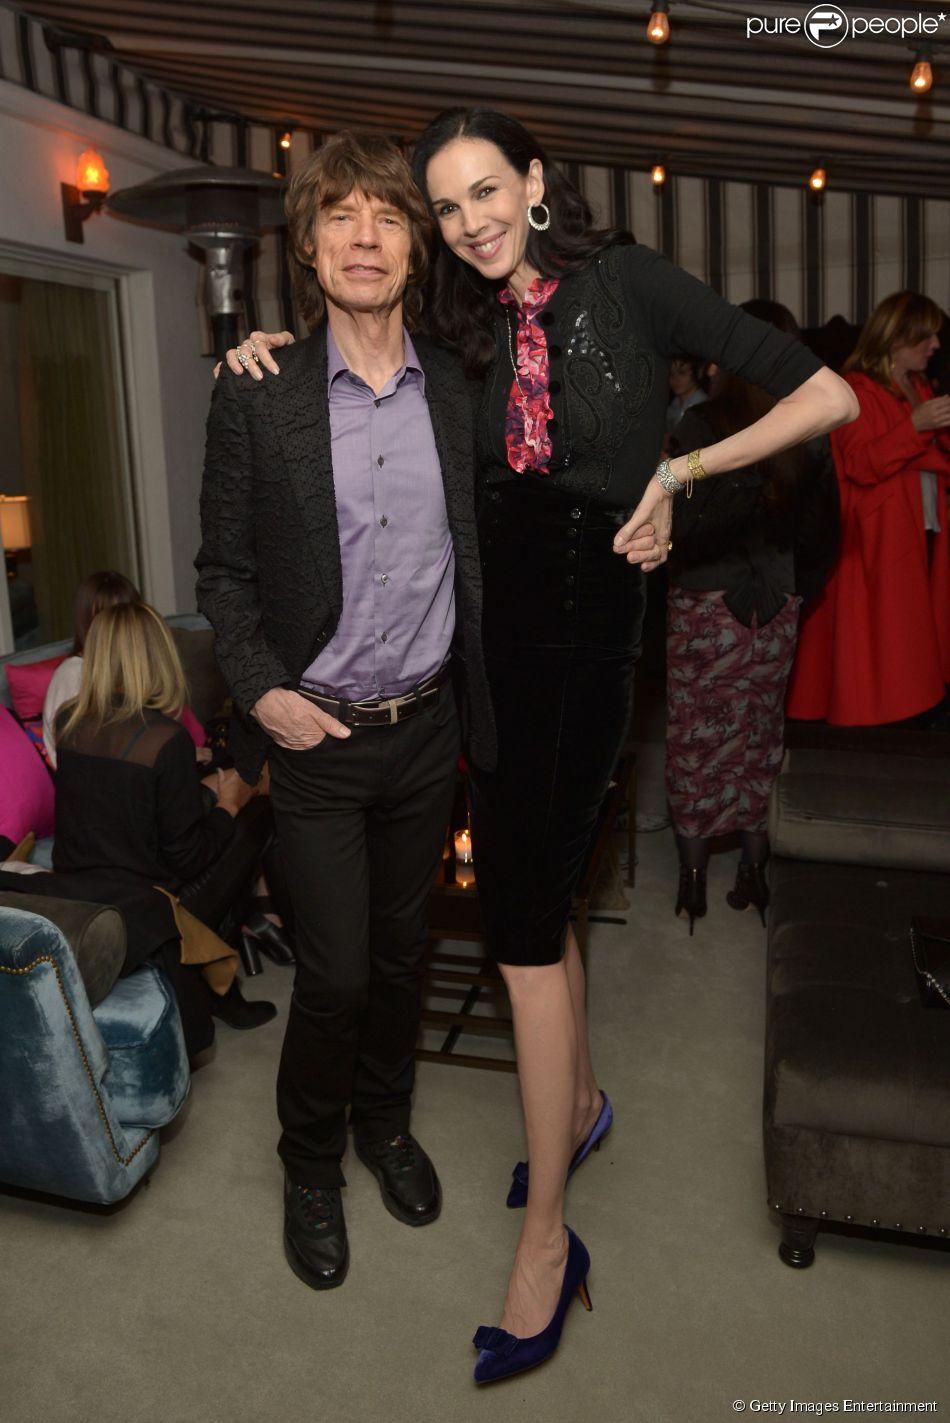 Mick Jagger está abalado com a morte da namorada, L'Wren Scott. A banda Rolling Stones cancelou o show que faria na Auatrália, em 20 de março de 2014